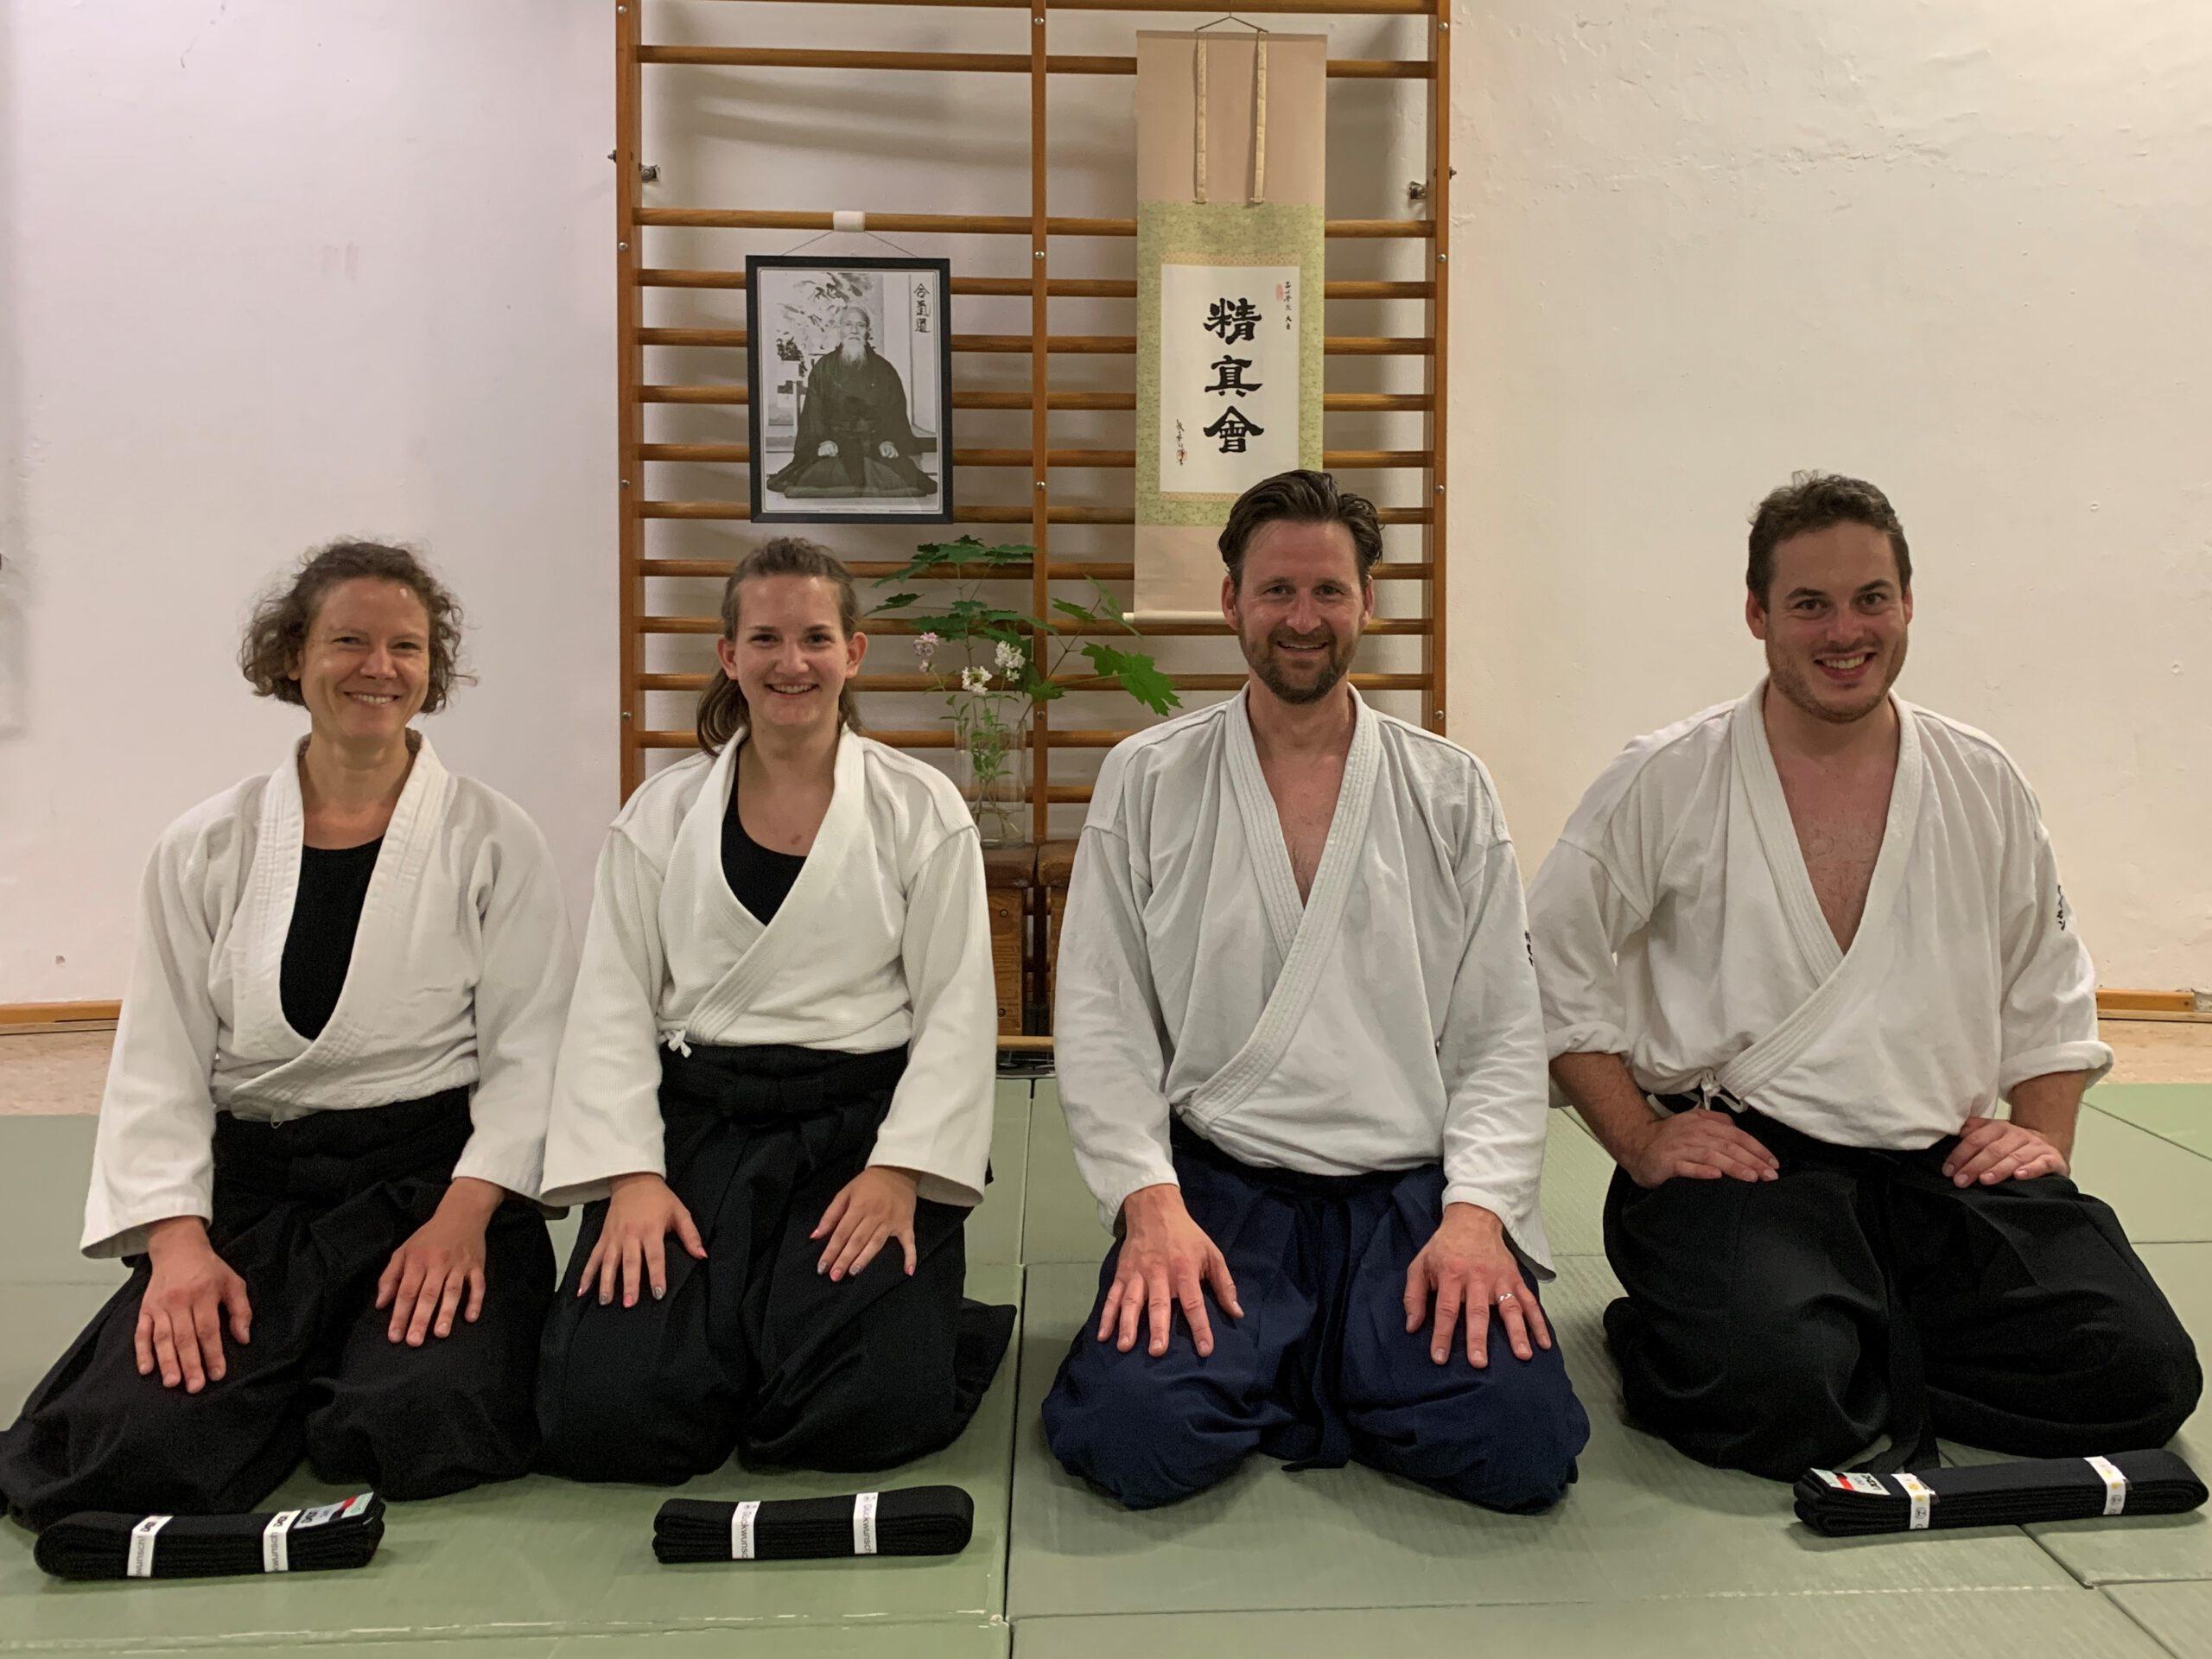 Olaf Marshall nach Graduierung zum Yondan zusammen mit drei Schüler*innen, die den Shodan erreicht haben (Gürtelübergabe)